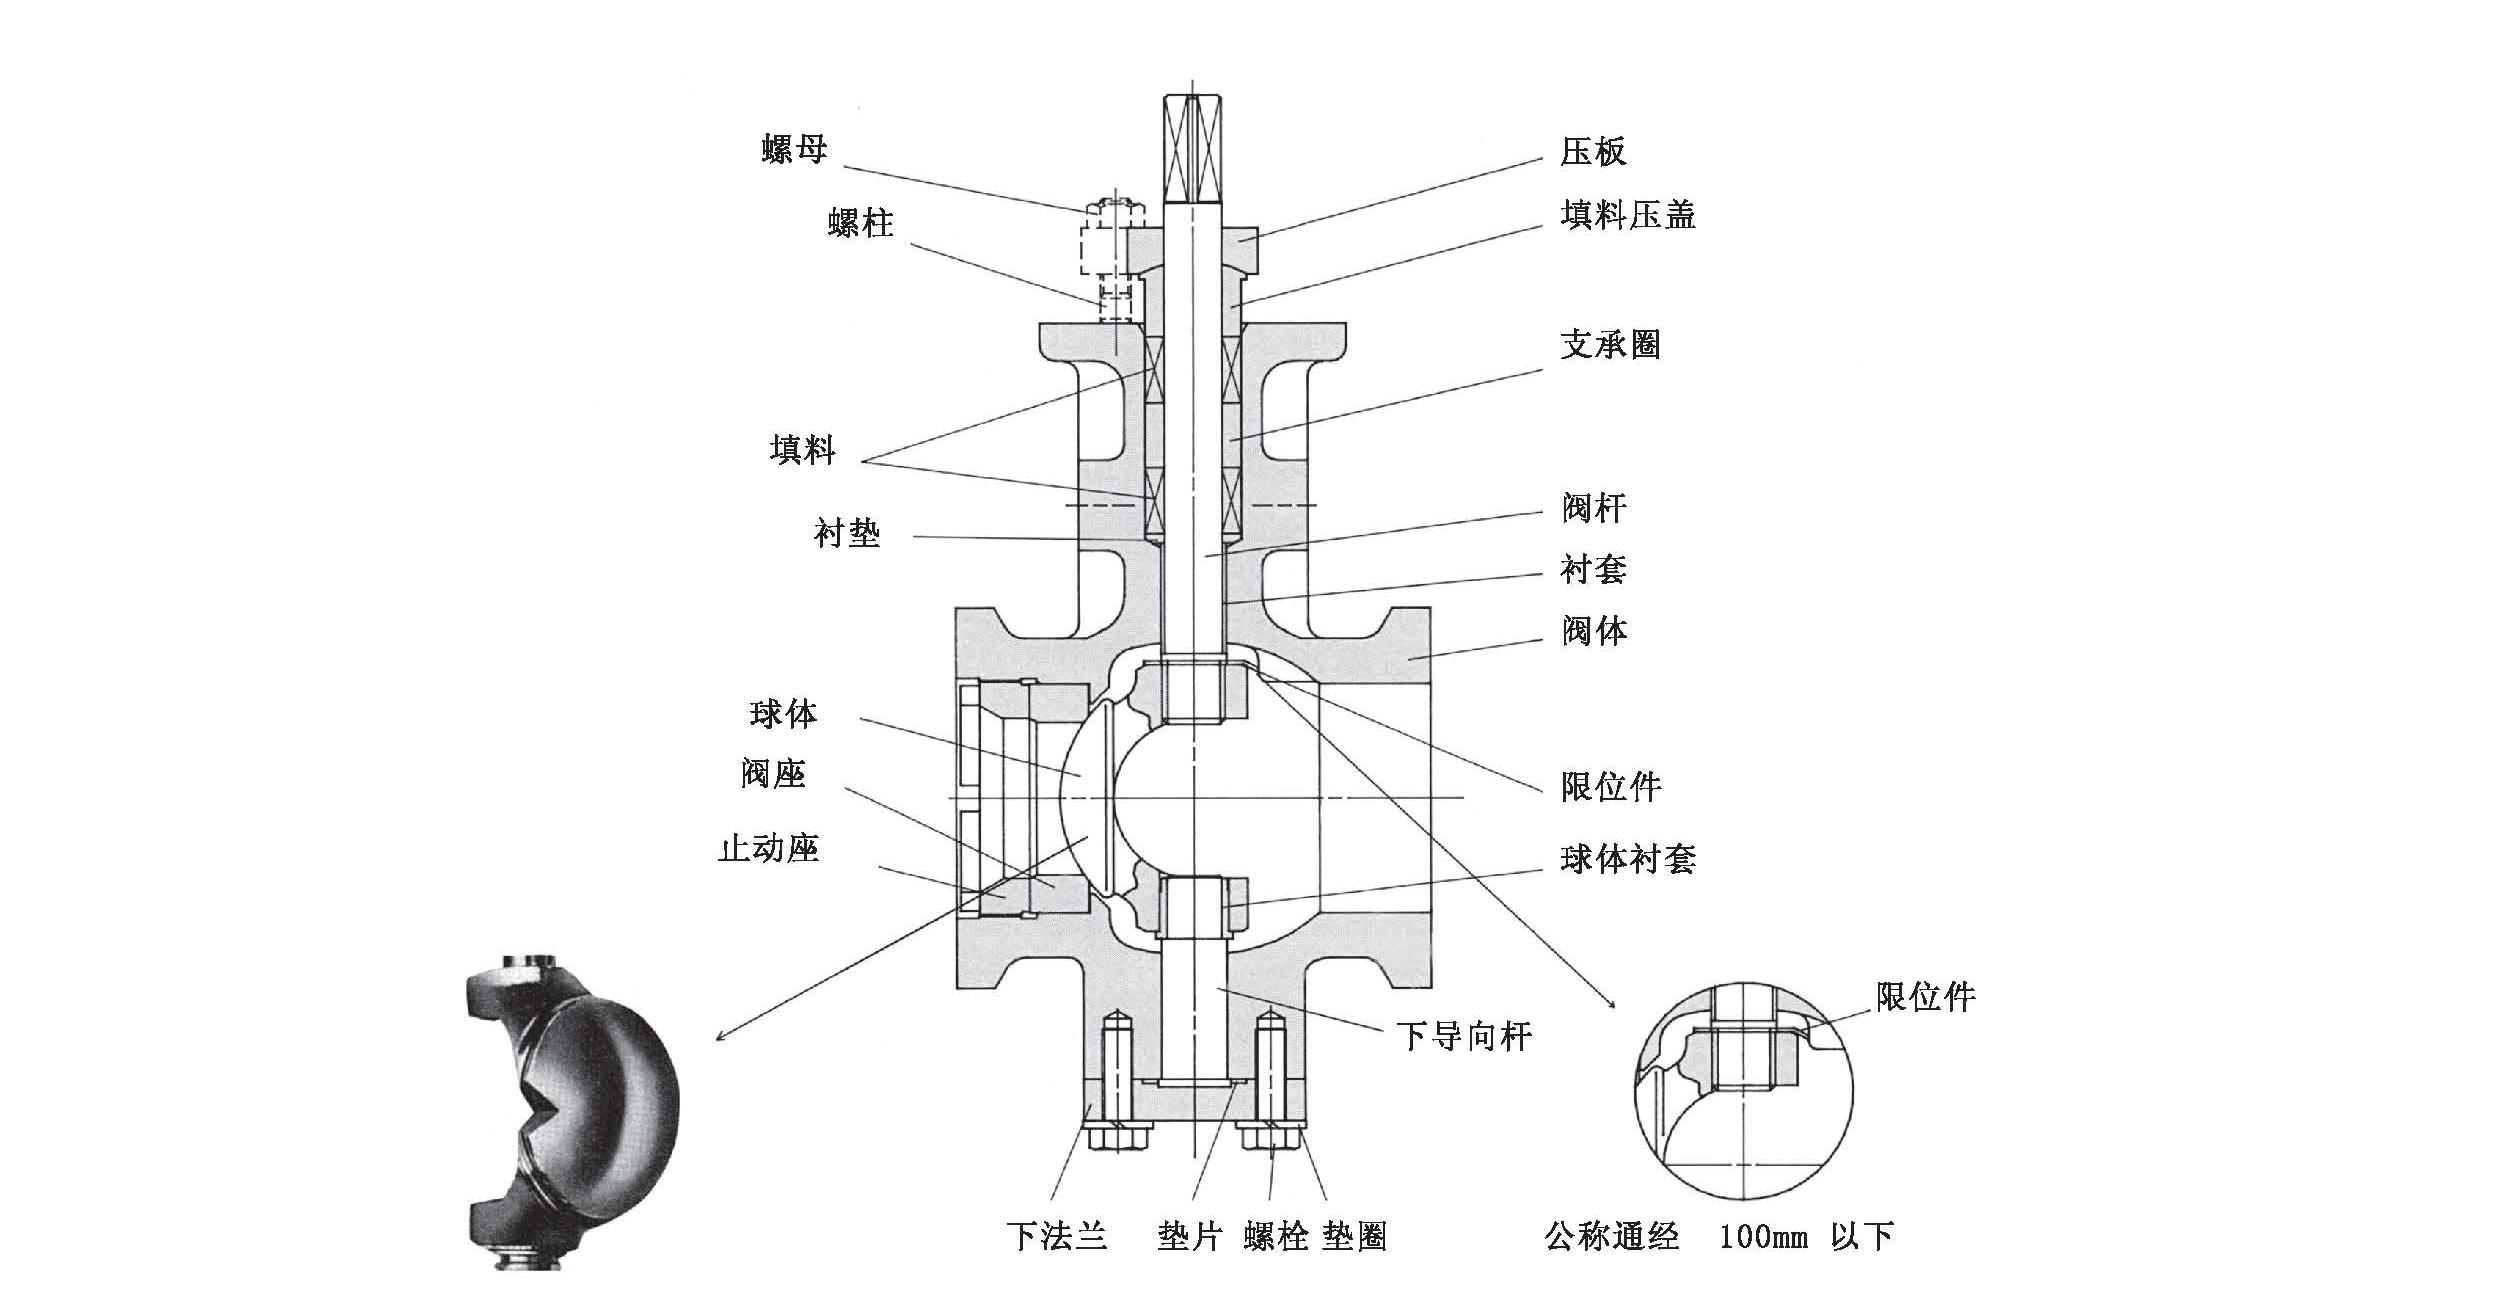 H级阀体图片